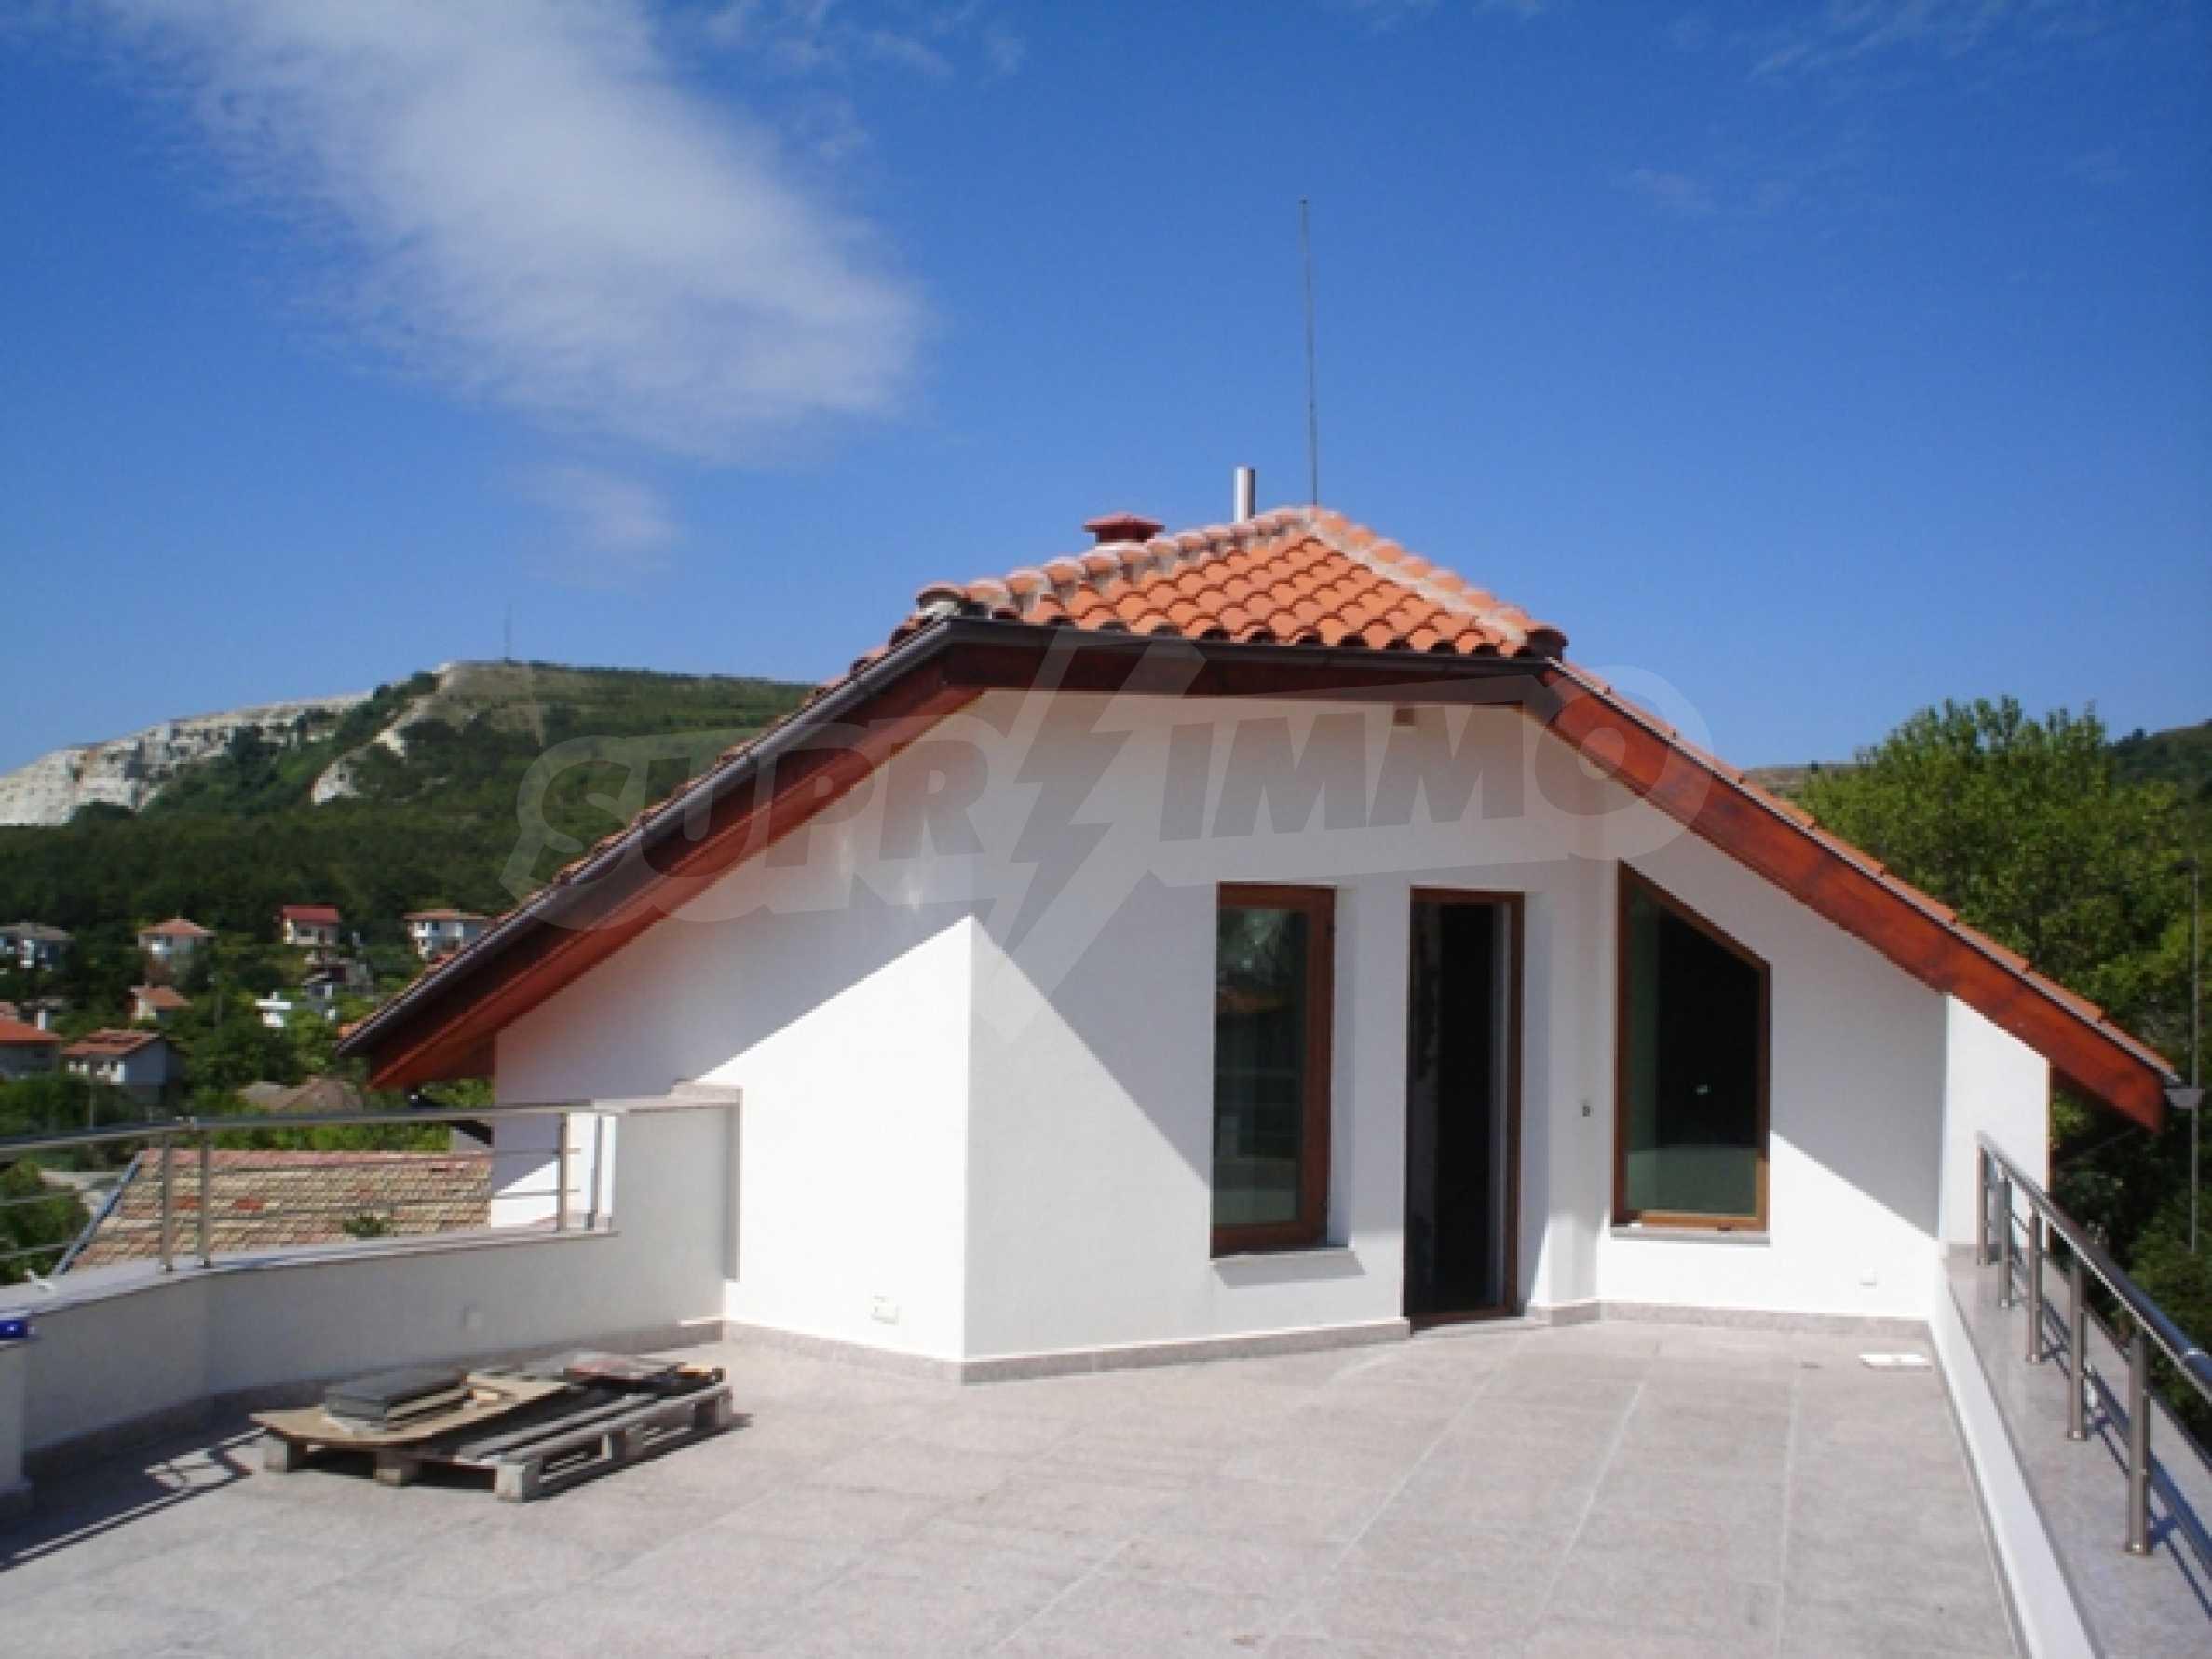 Haus mit zwei Türmen 2